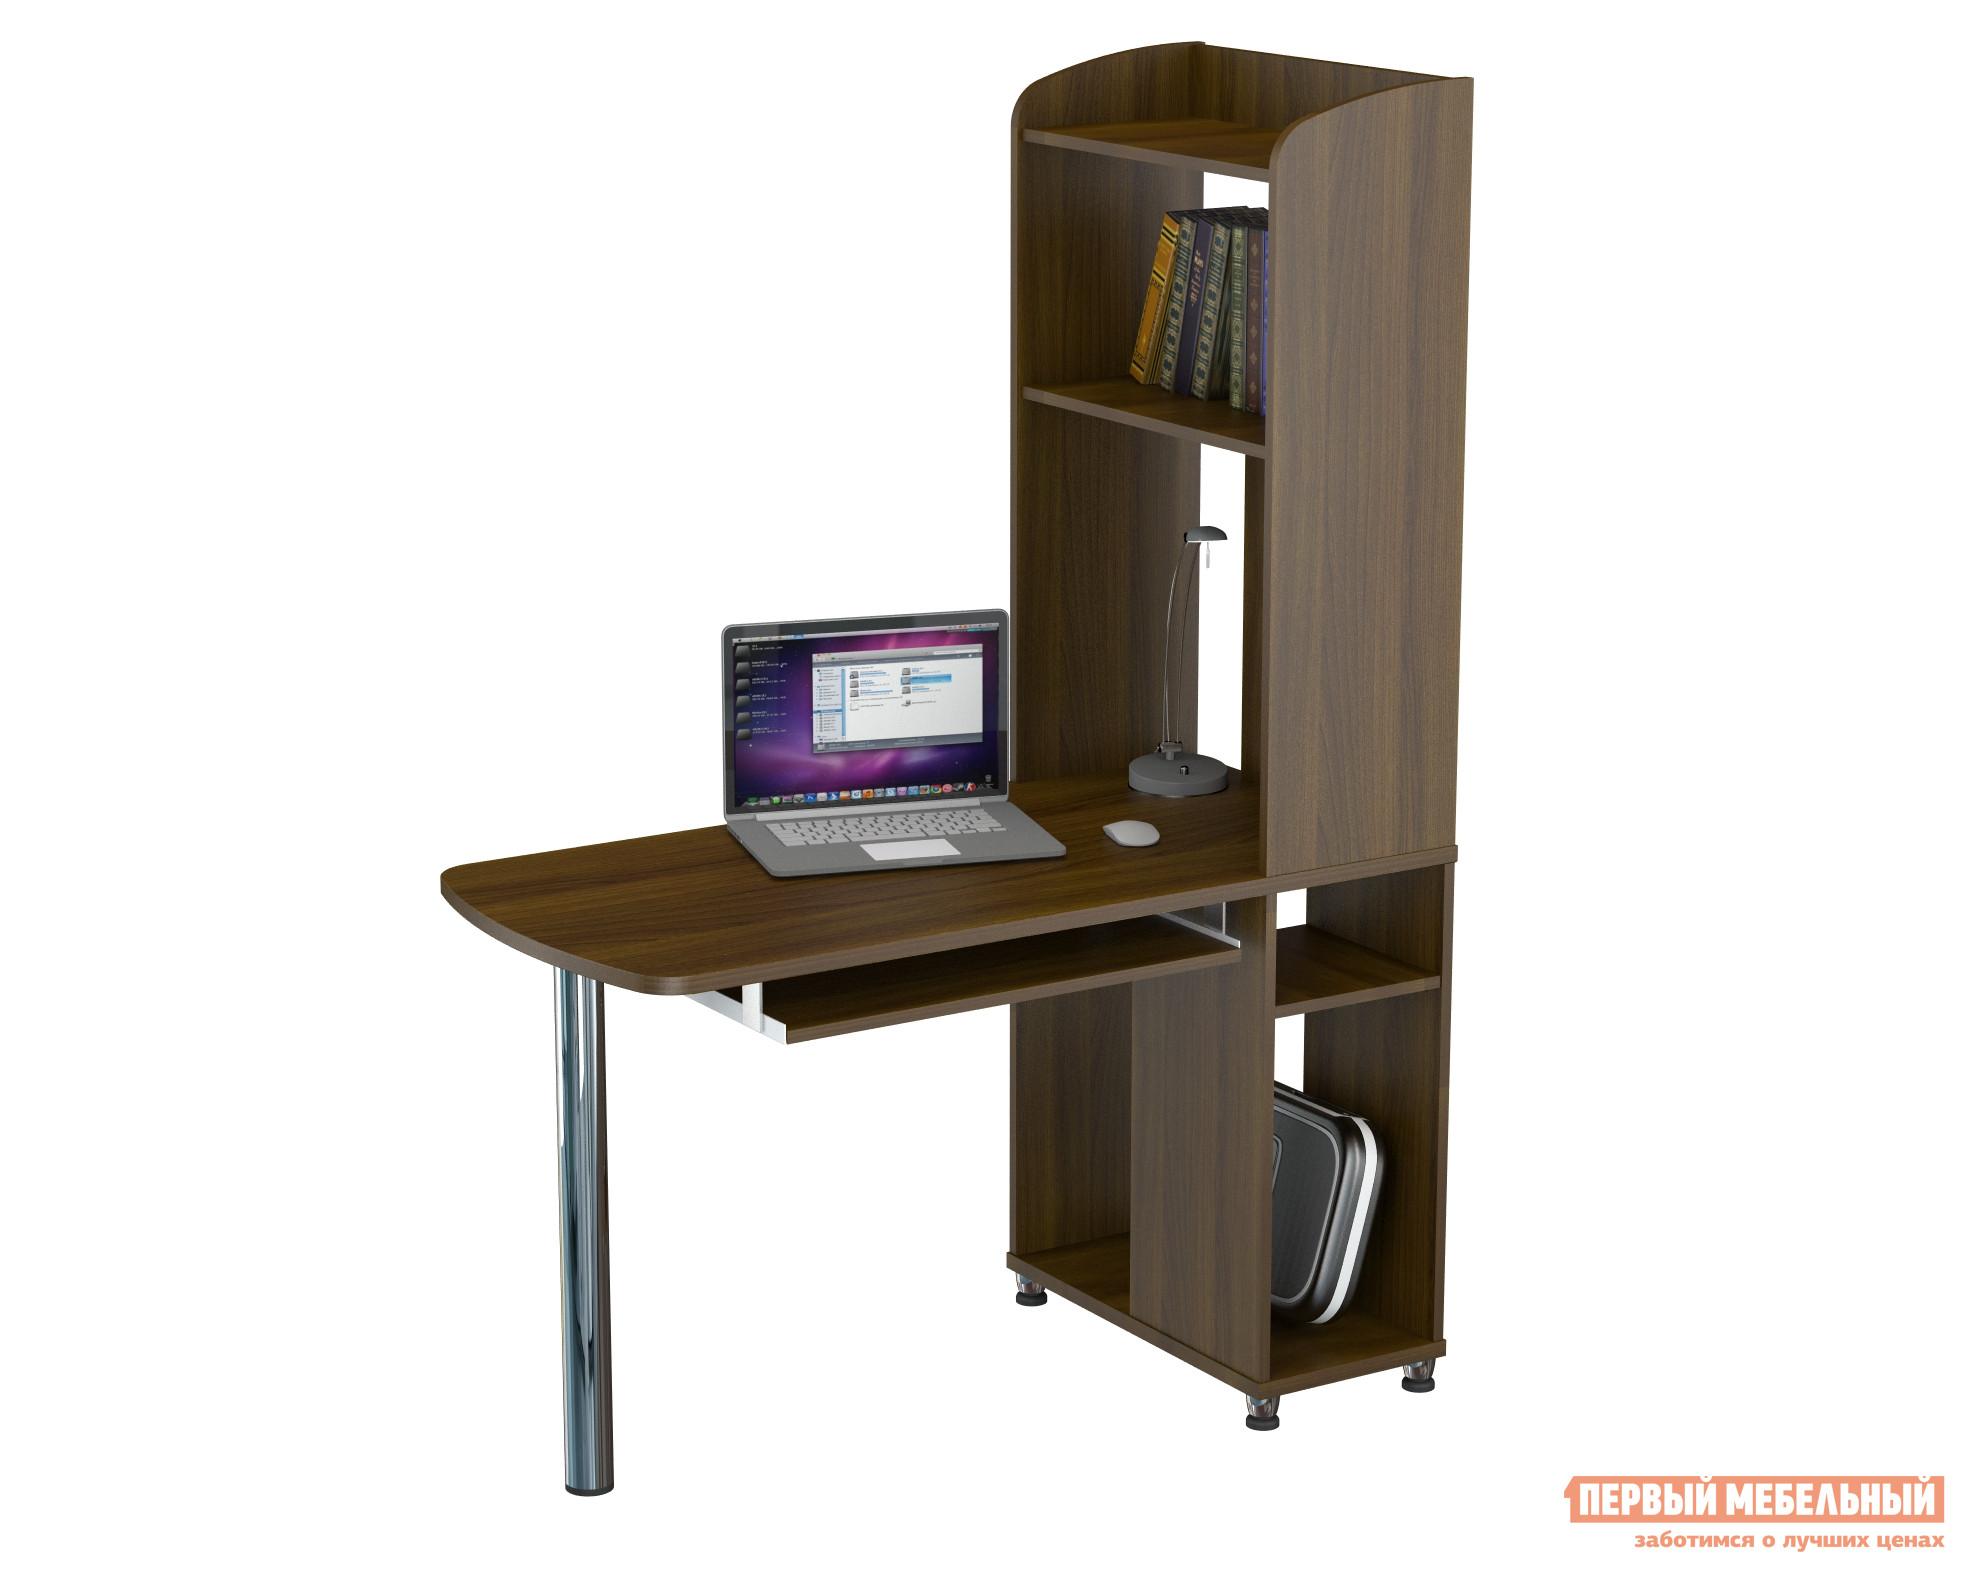 Угловой компьютерный стол ВасКо КС 20-31 м1 стол компьютерный васко кс 20 30 м1 дуб молочный